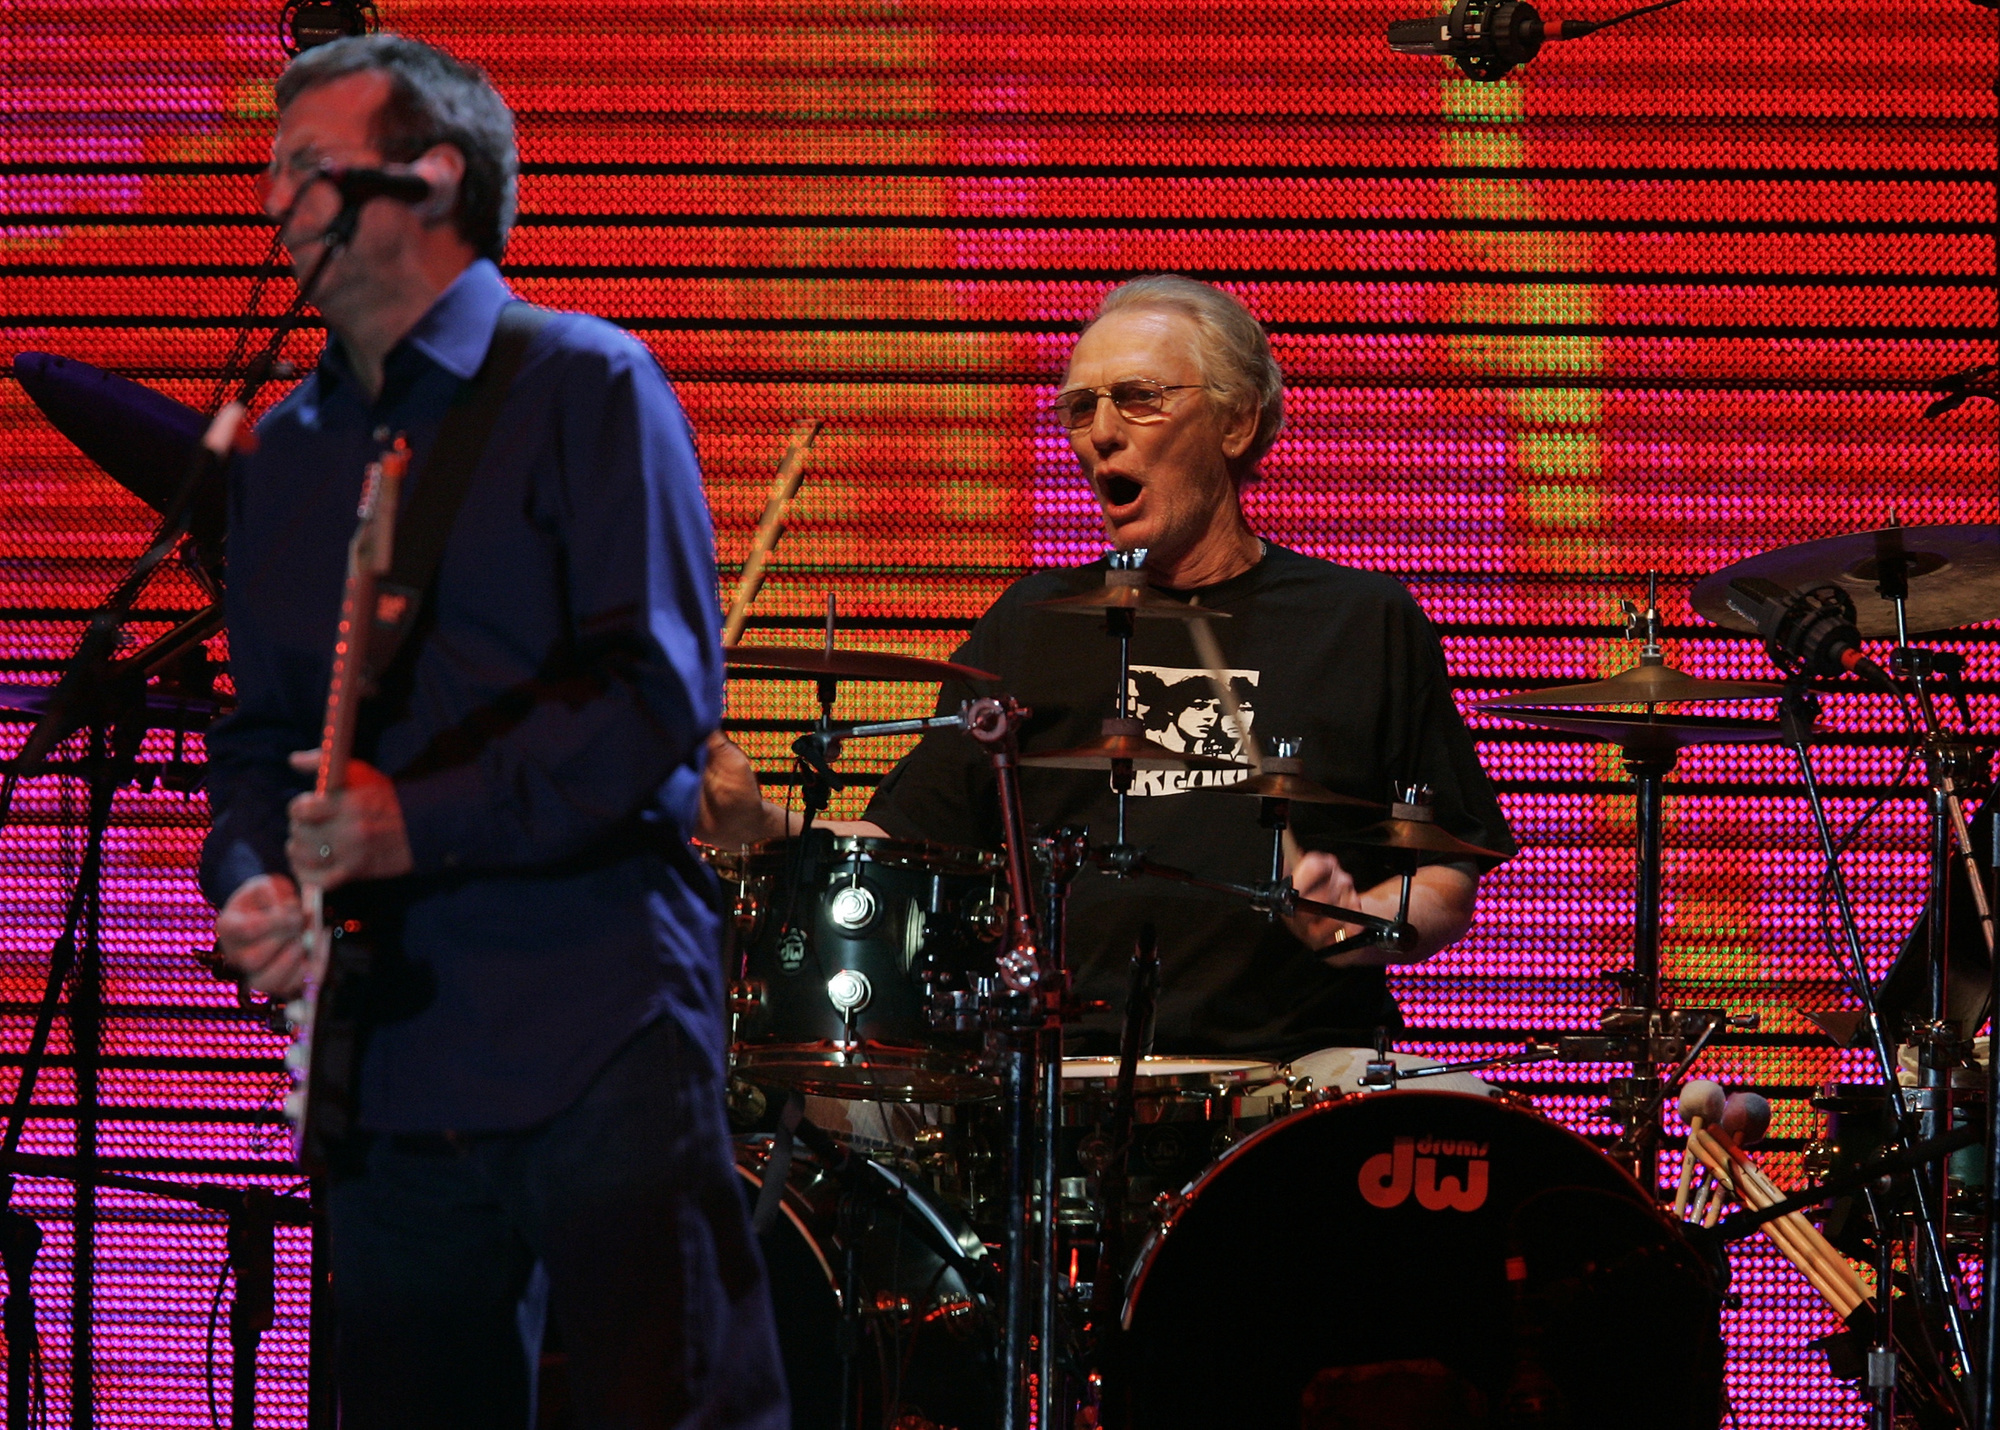 Ginger Baker aux côtés d'Eric Clapton durant un concert de réunion de Cream à Madison Square Garden, le 24 octobre 2005., REUTERS/Brendan McDermid